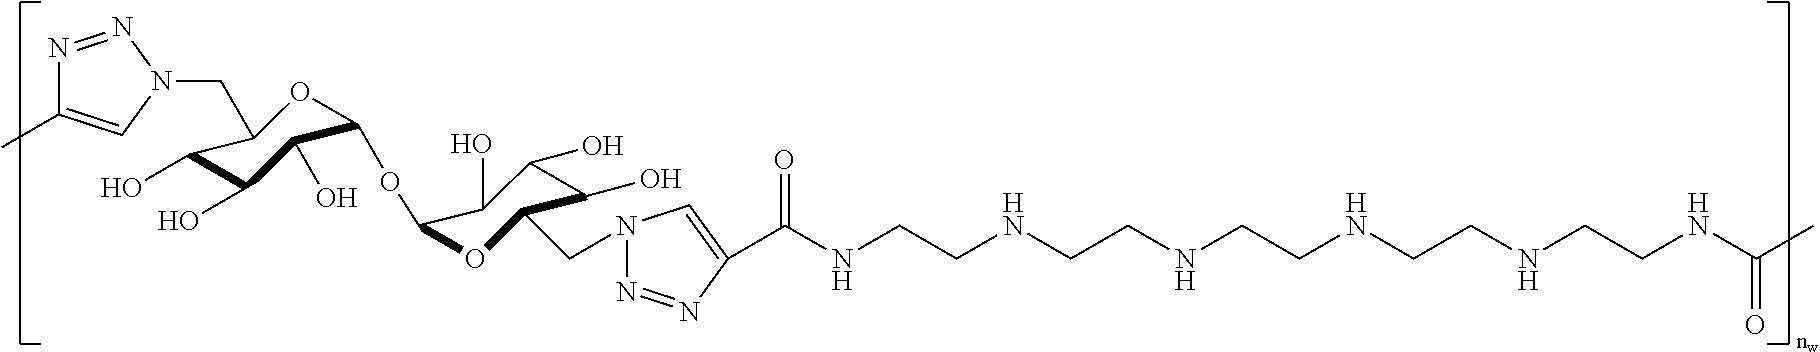 Figure US08501478-20130806-C00013